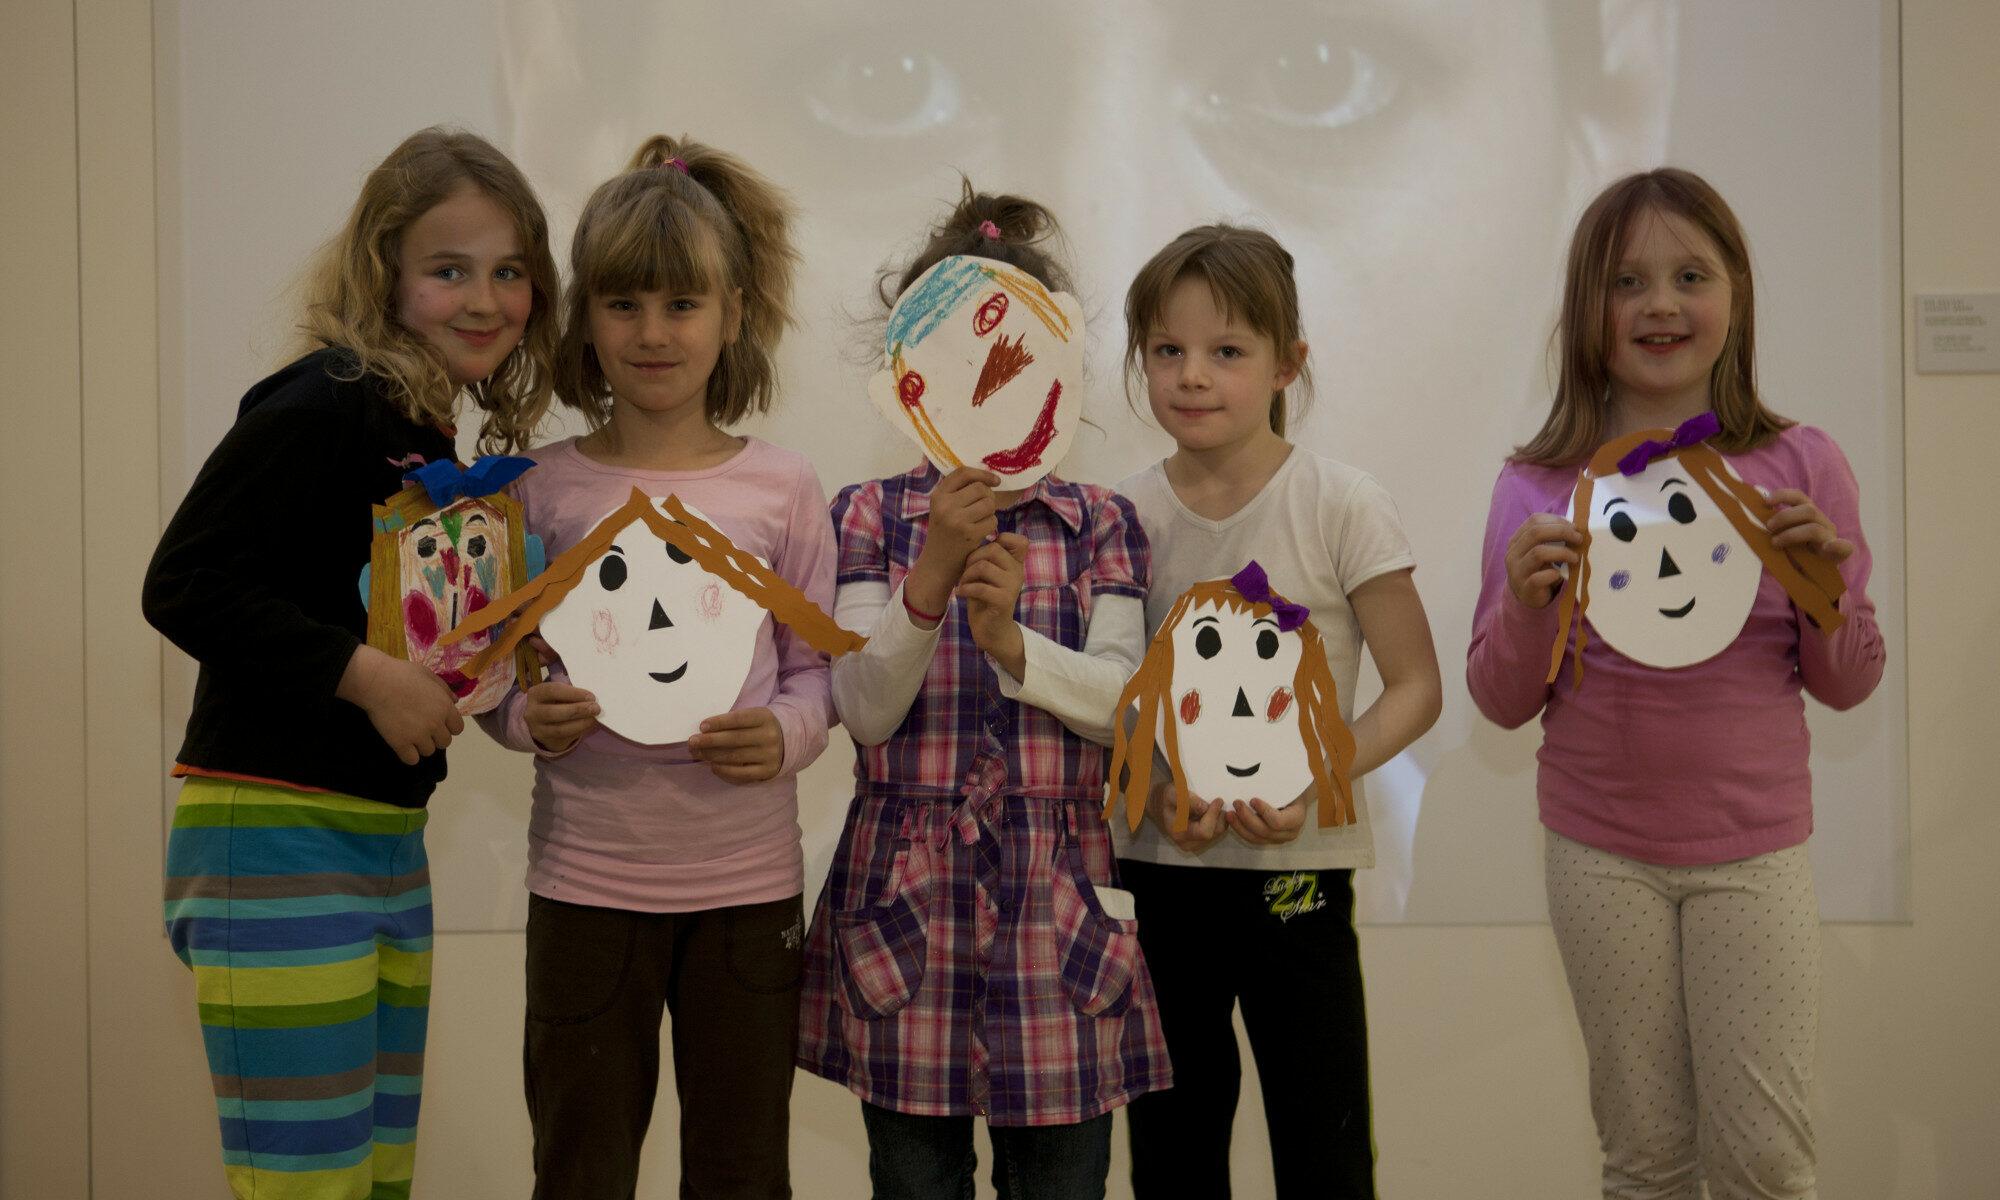 Kinder mit Masken, Museum für Kommunikation Nürnberg